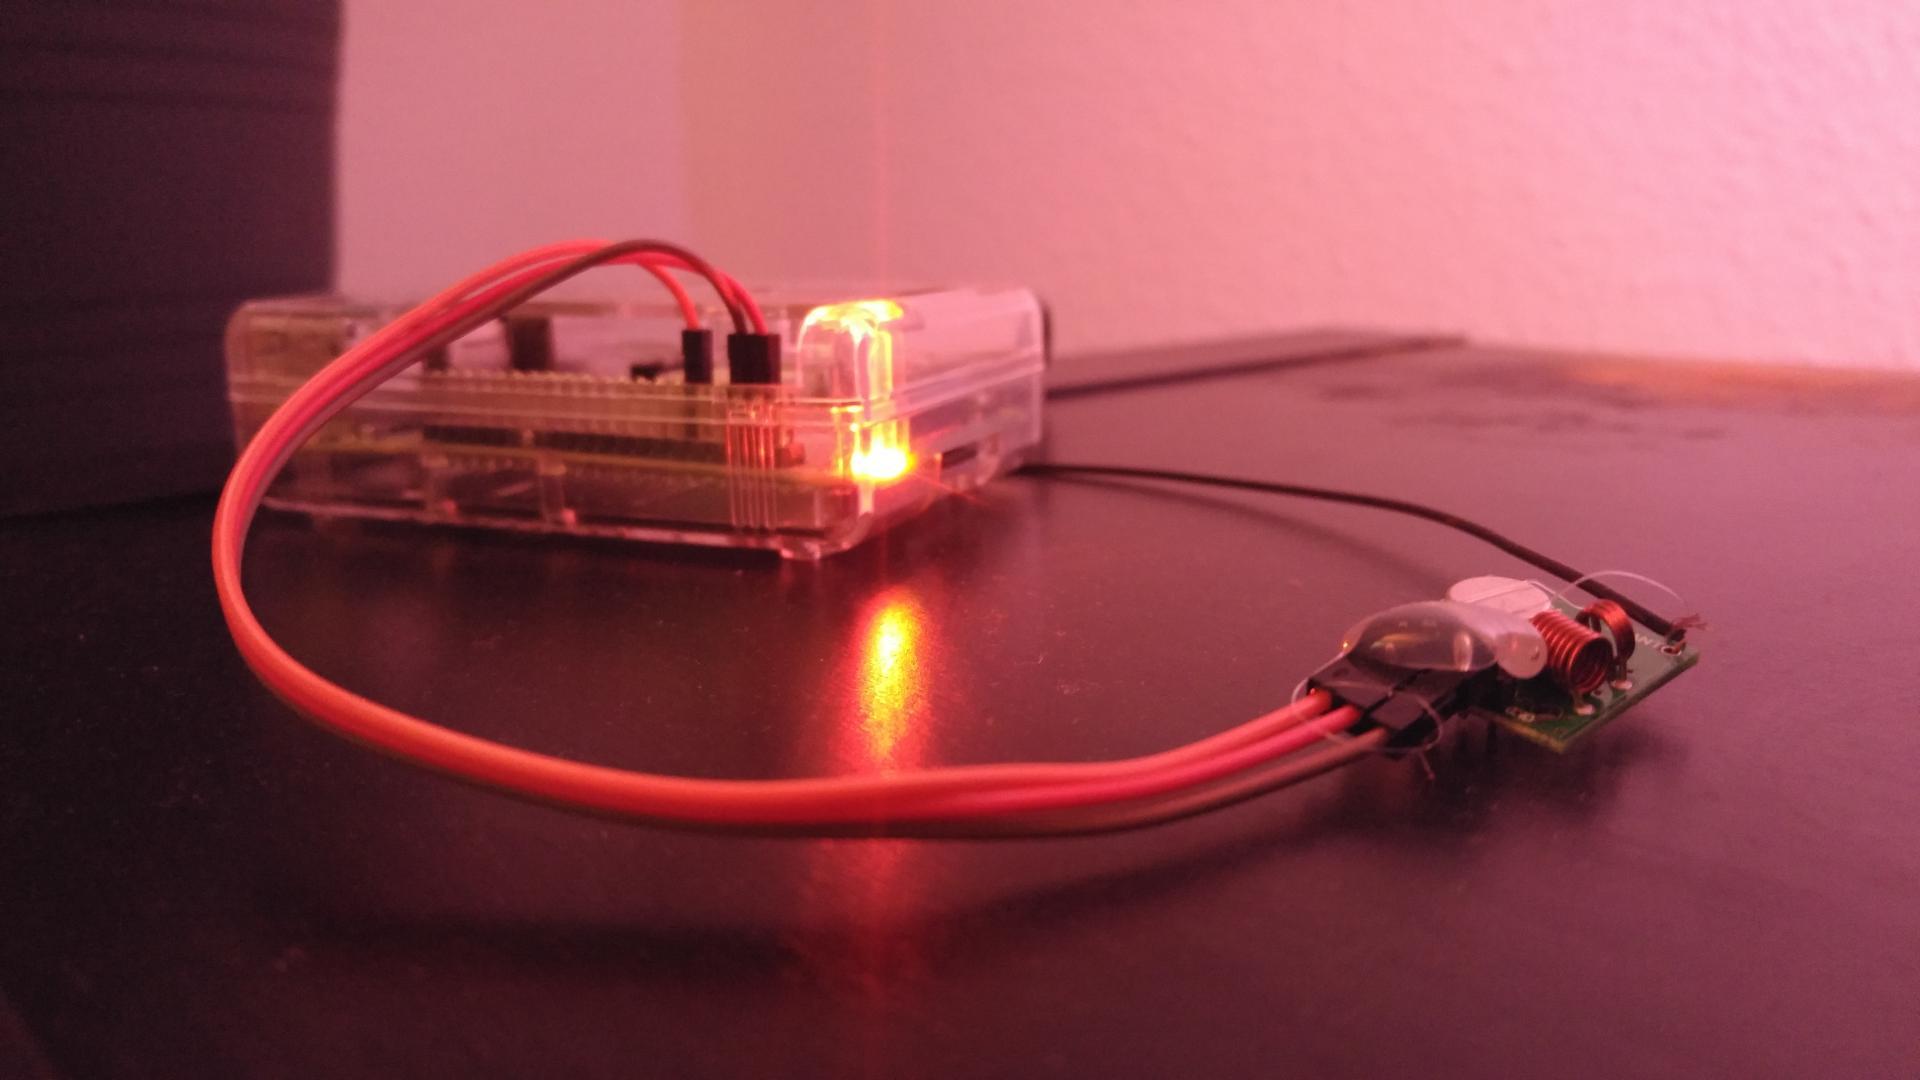 Ein Raspberry Pi Minicomputer mit einem Funkmodul, um Funksteckdosen zu steuern.